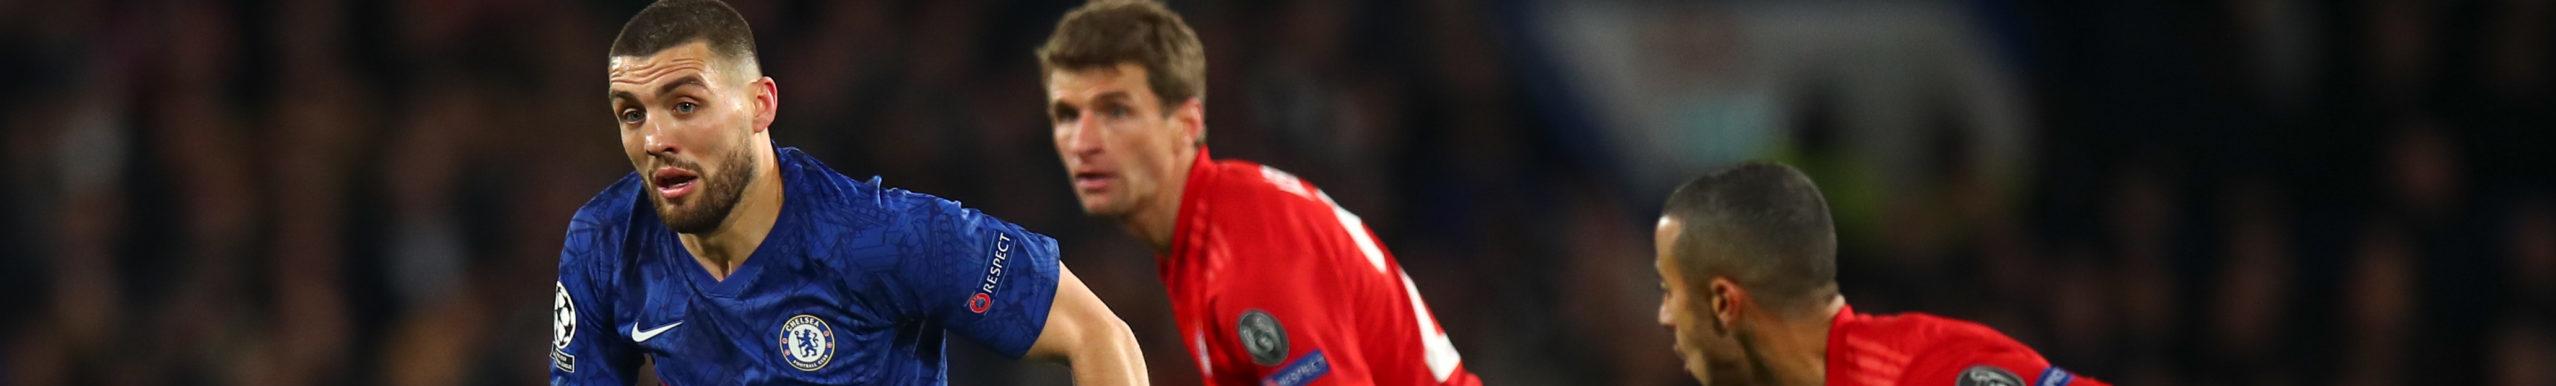 Bayern Monaco-Chelsea: per i bavaresi è poco più di una formalità